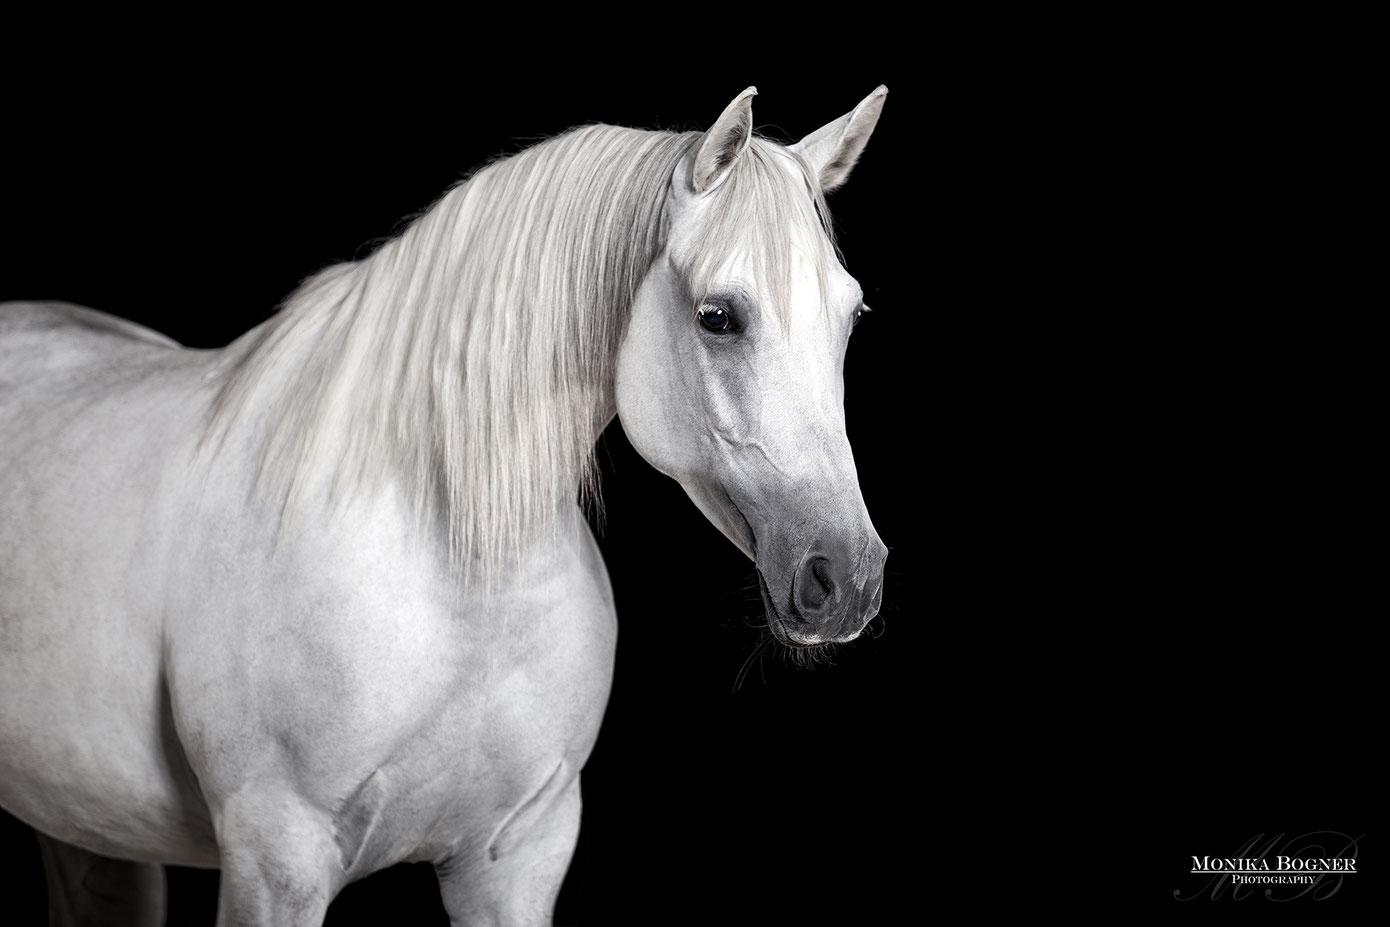 Pferde im Studio, Pferde vor schwarzem Hintergrund, Pferdefotografie, Schimmelstute, Araber